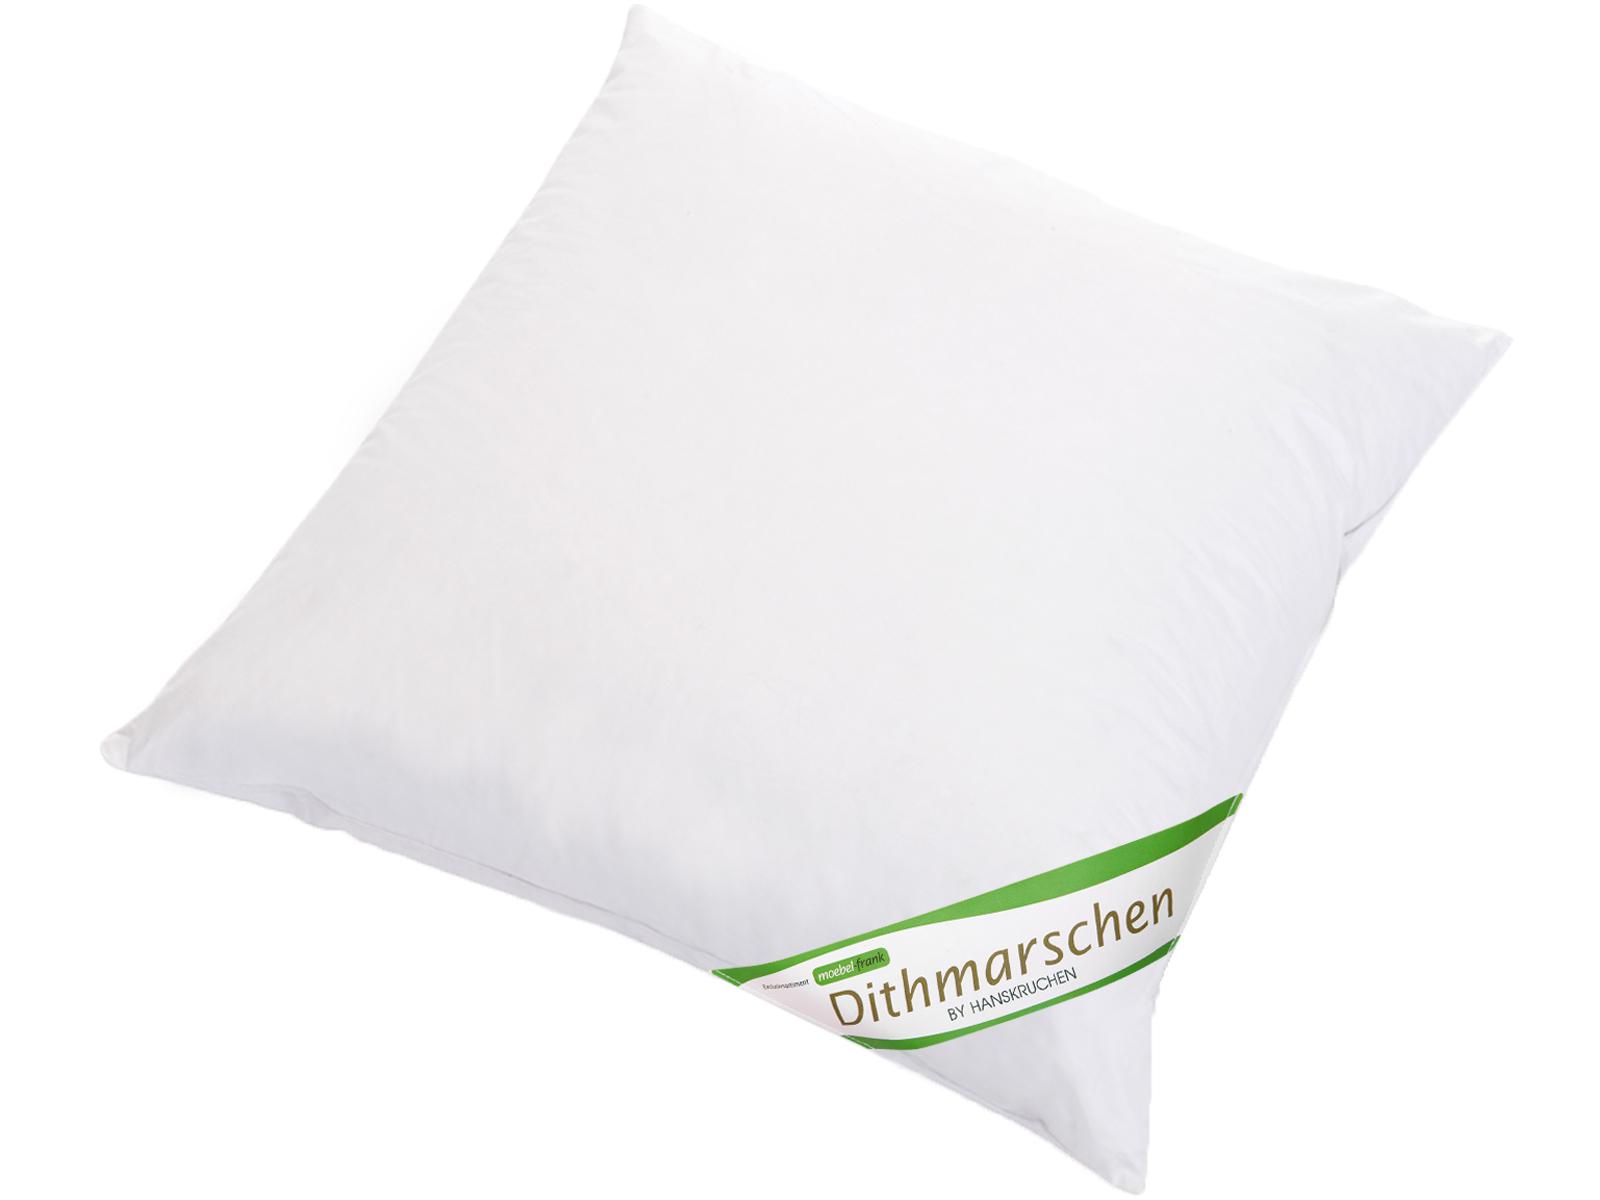 3-Kammer Kopfkissen neue weiße Gänsedaune und -federn Baumwolle Dithmarschen 80x80cm und 40x80cm – Bild 6